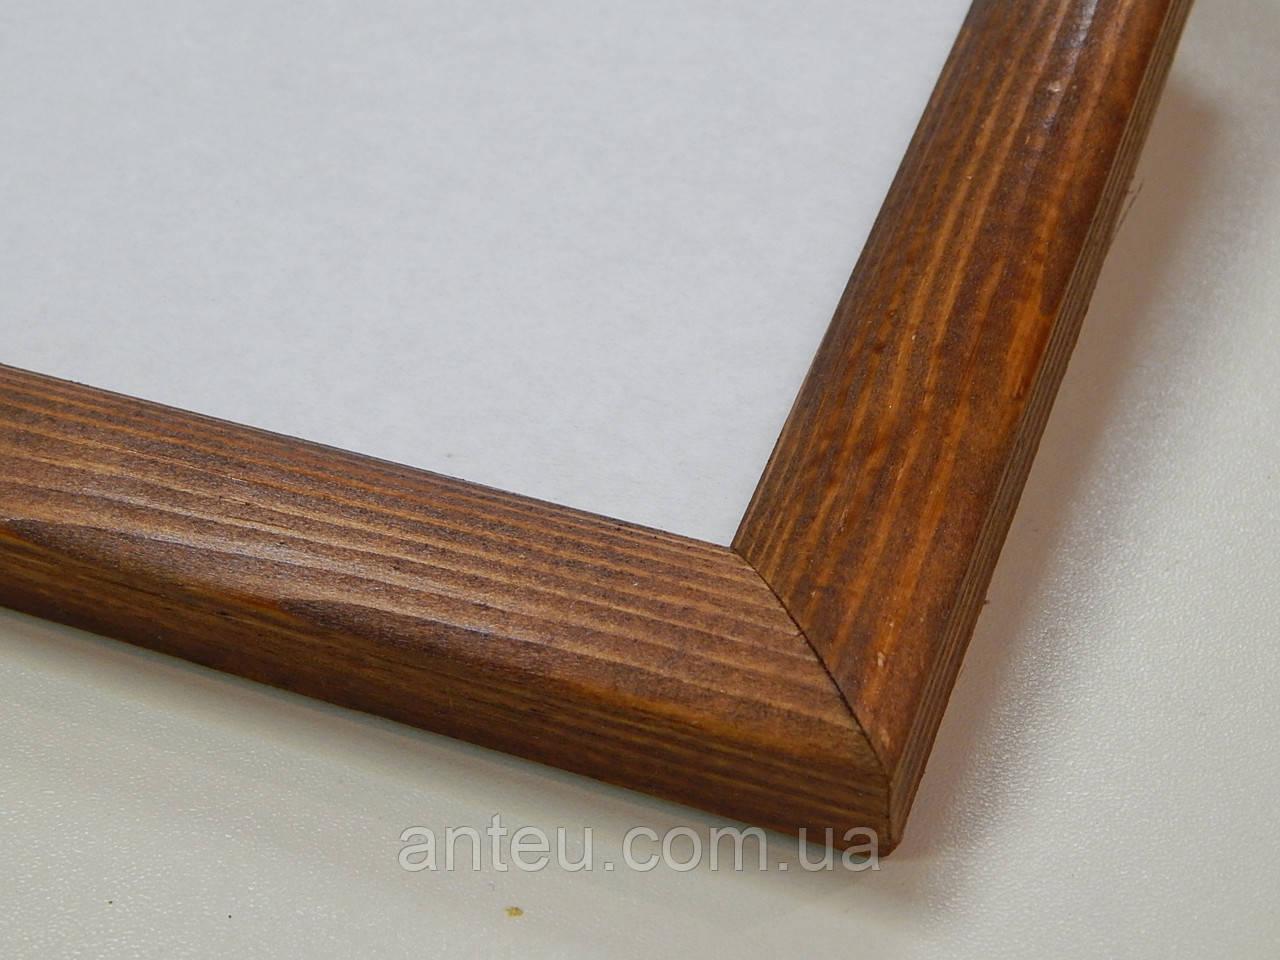 Рамки дерев'яні (сосна).23 мм. Горіх.